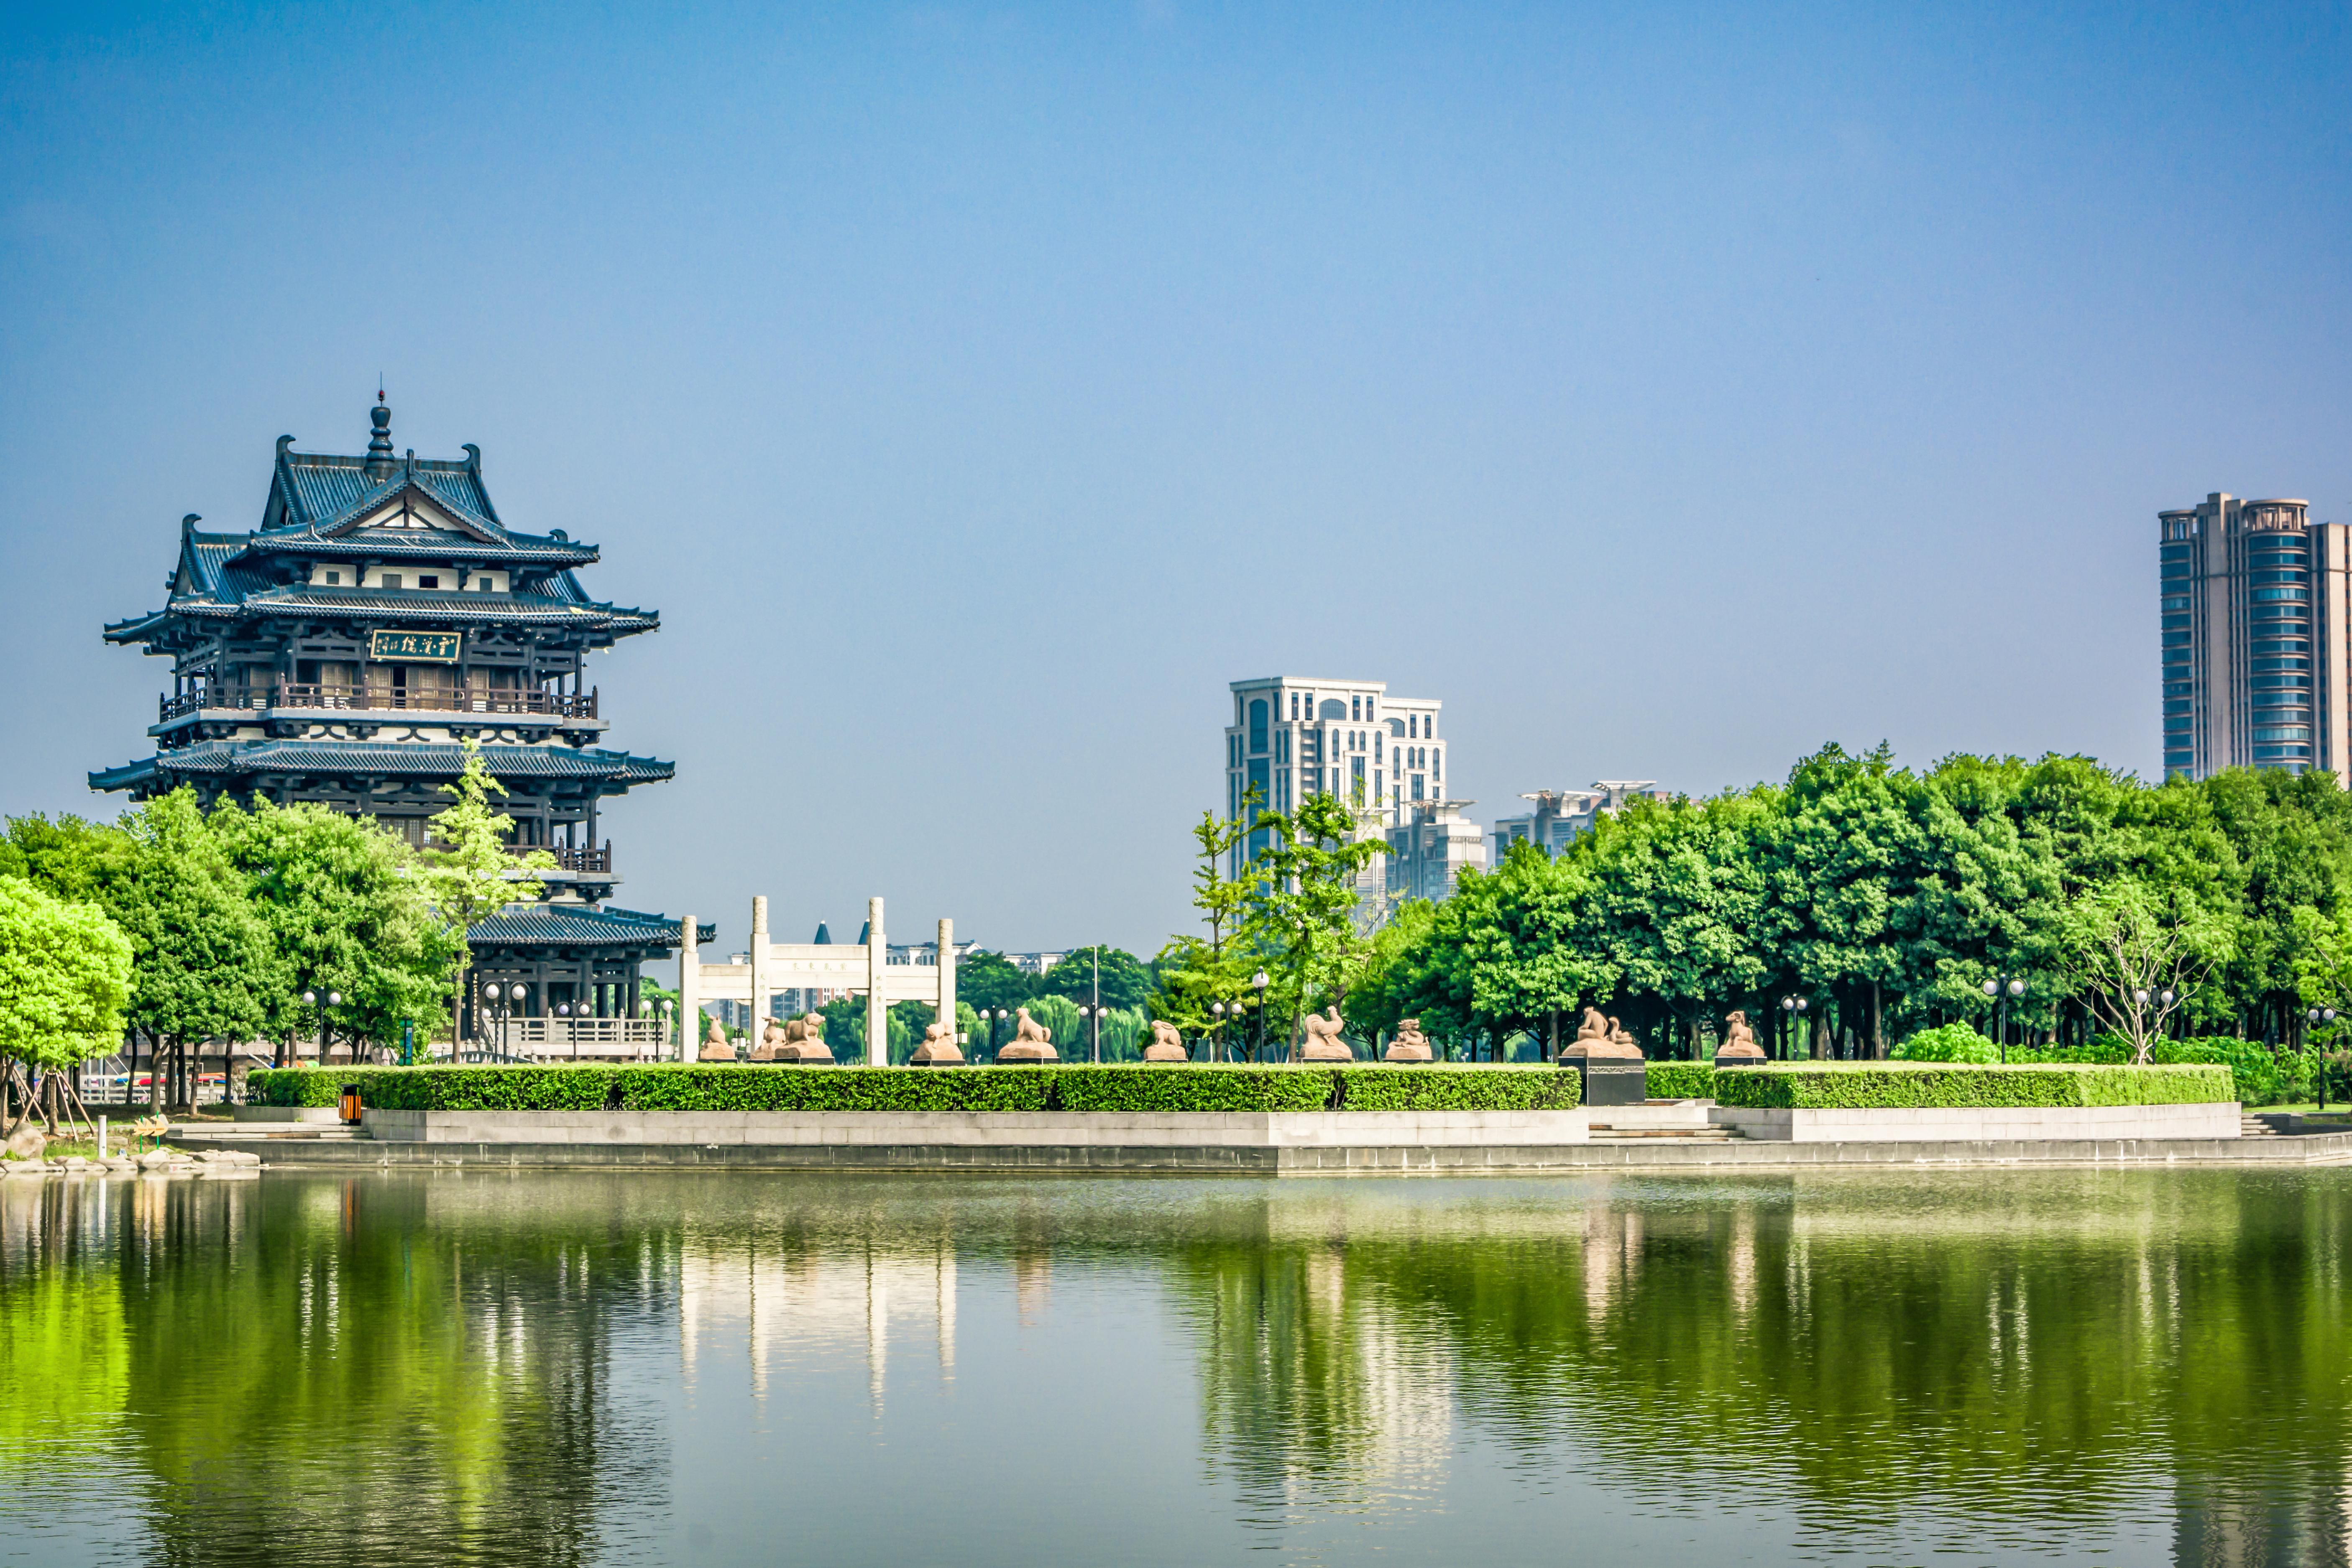 銀川湖海房產堪比-銀川二手房信息58同城+大量個人二手房!